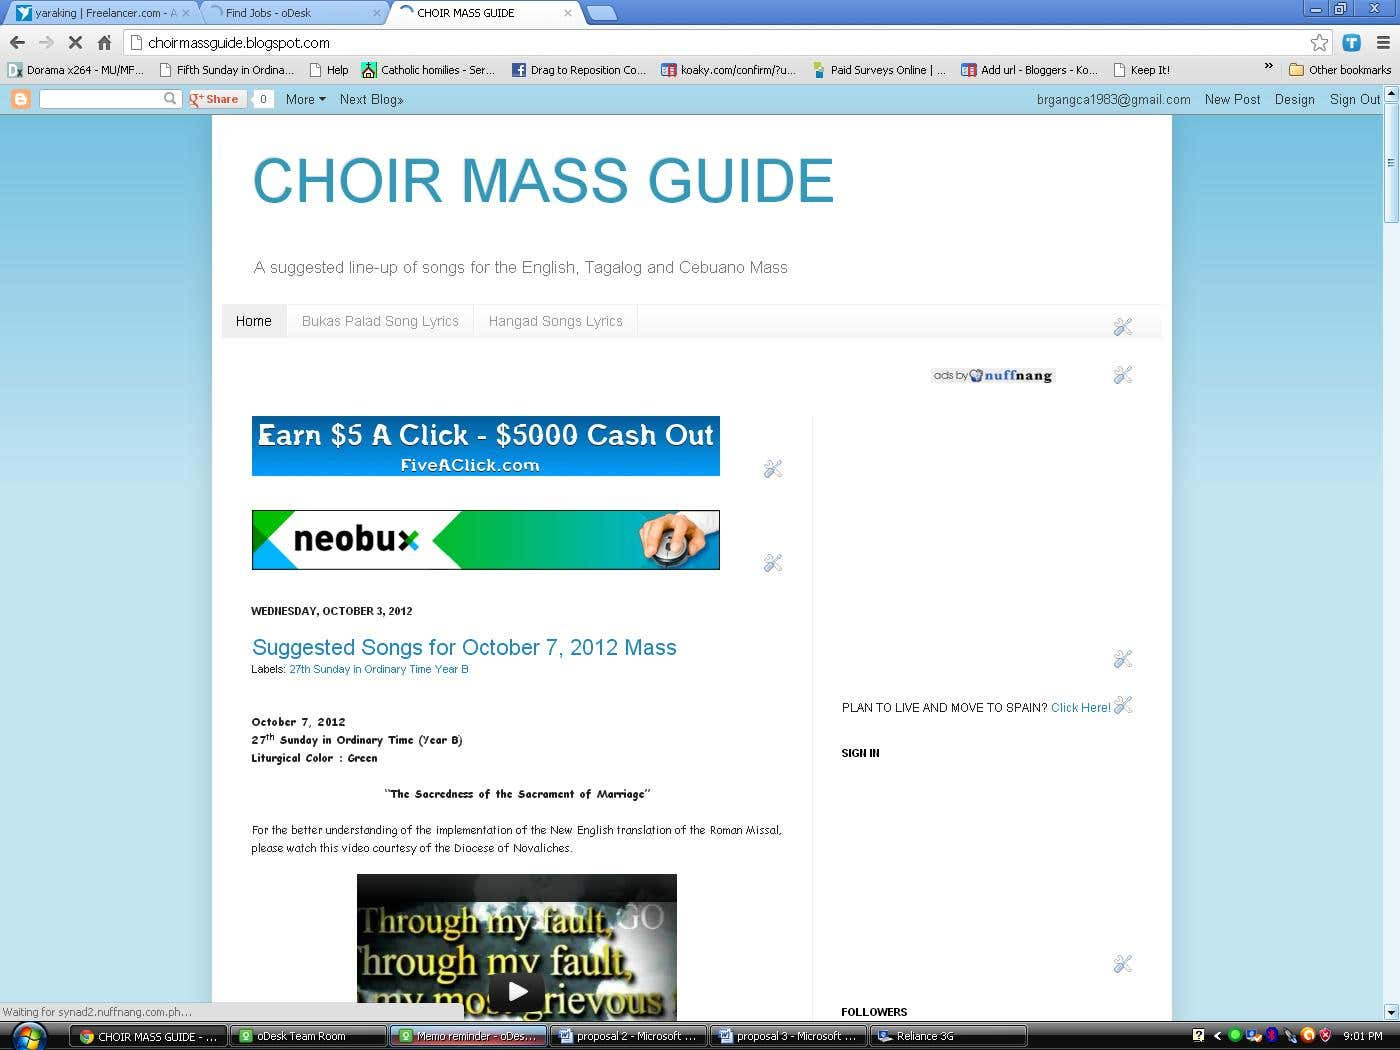 Choir Mass Guide